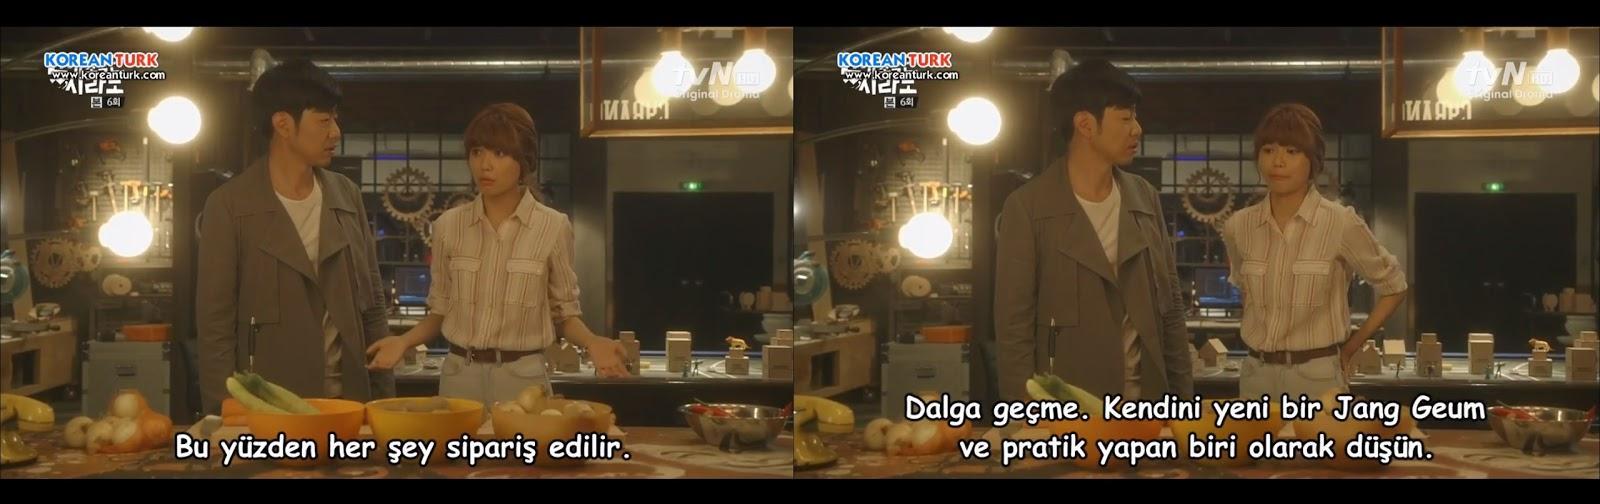 flower boy dating agency cyrano Xem phim công ty mai mối 16/16: dự kiến, dating agency: cyrano sẽ lên sóng tập đầu tiên vào khoảng tháng 5 nhằm phù hợp với nội dung hài hước của tác.